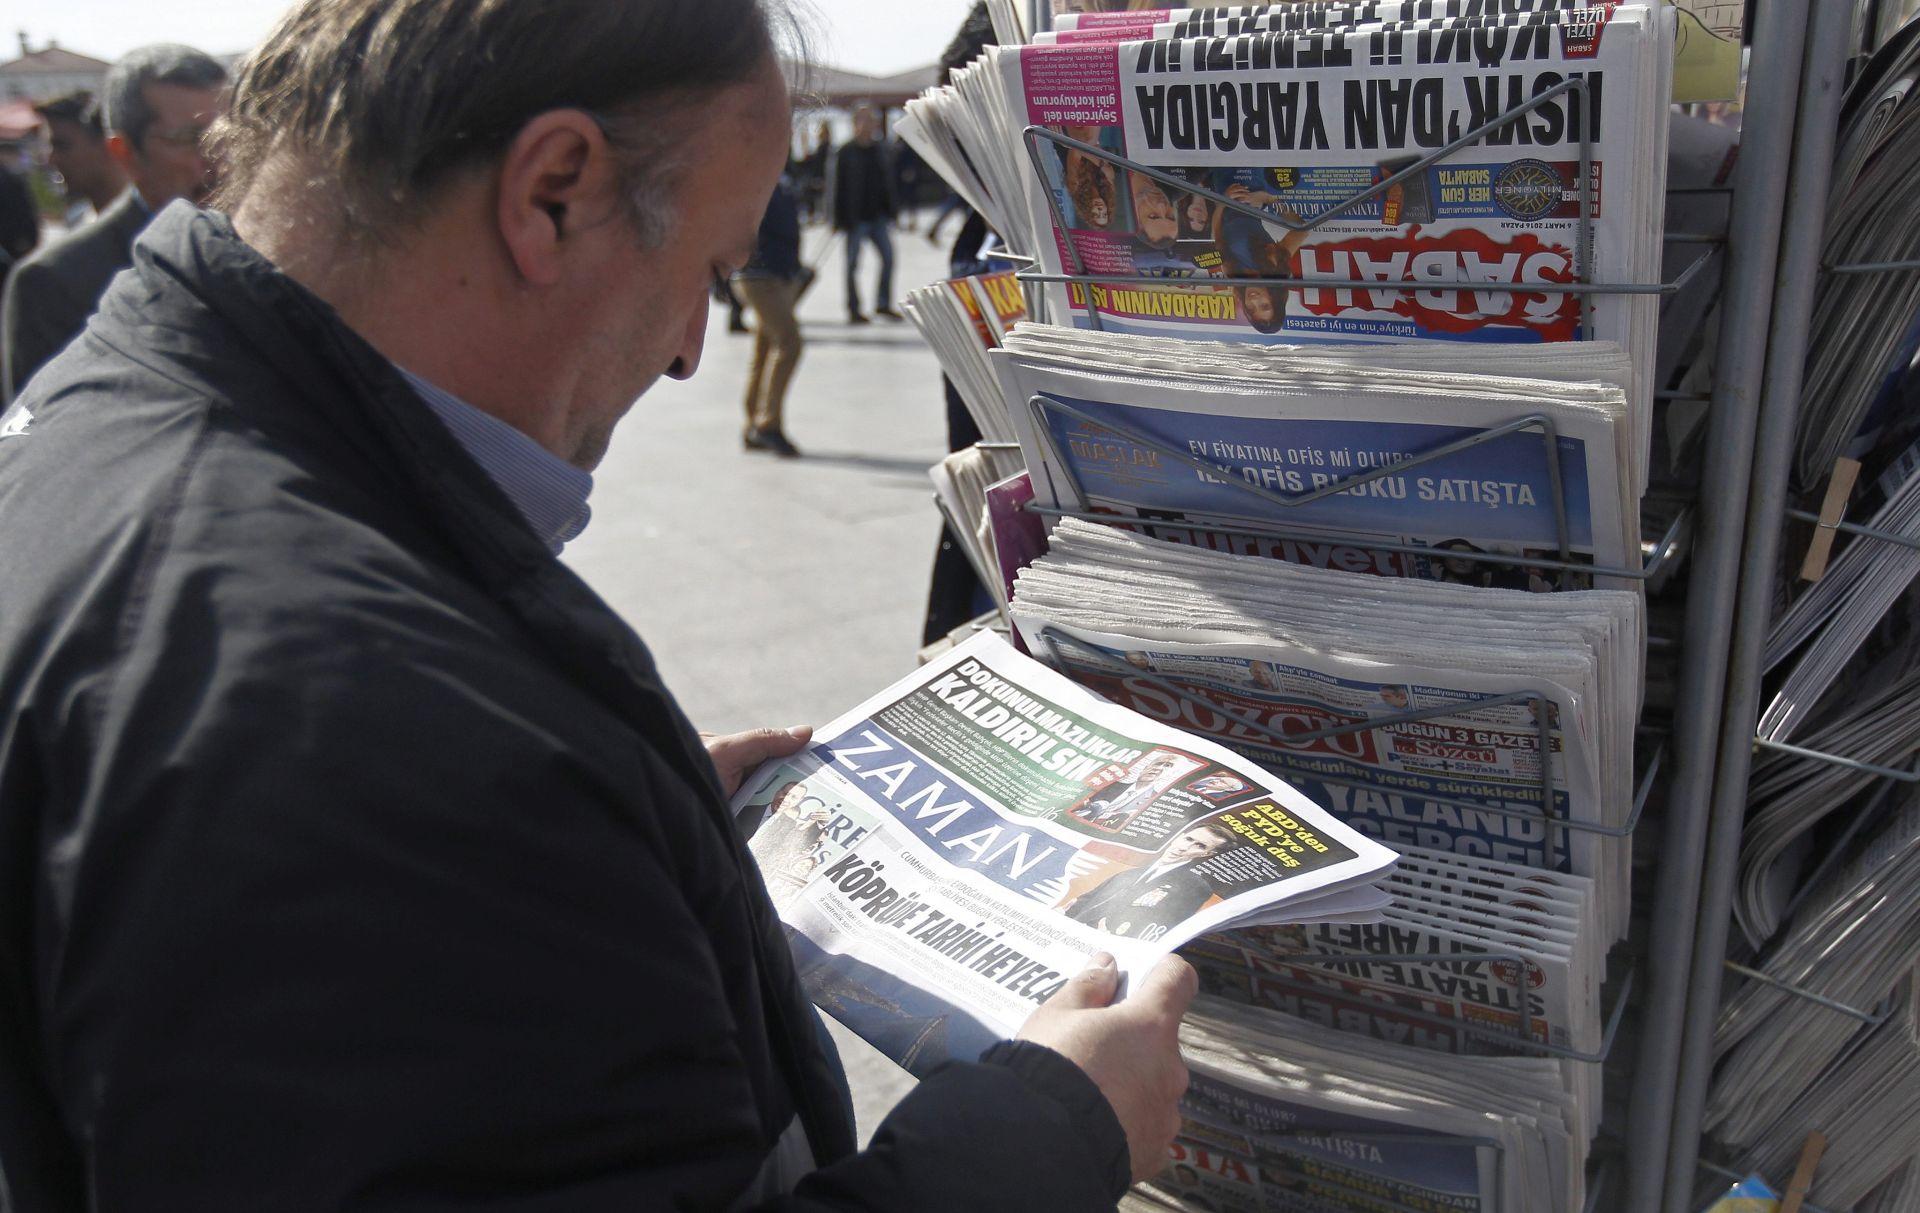 MEDIJSKE SLOBODE U TURSKOJ: Merkel i Hollande zabrinuti nakon što su vlasti preuzele oporbeni dnevni list